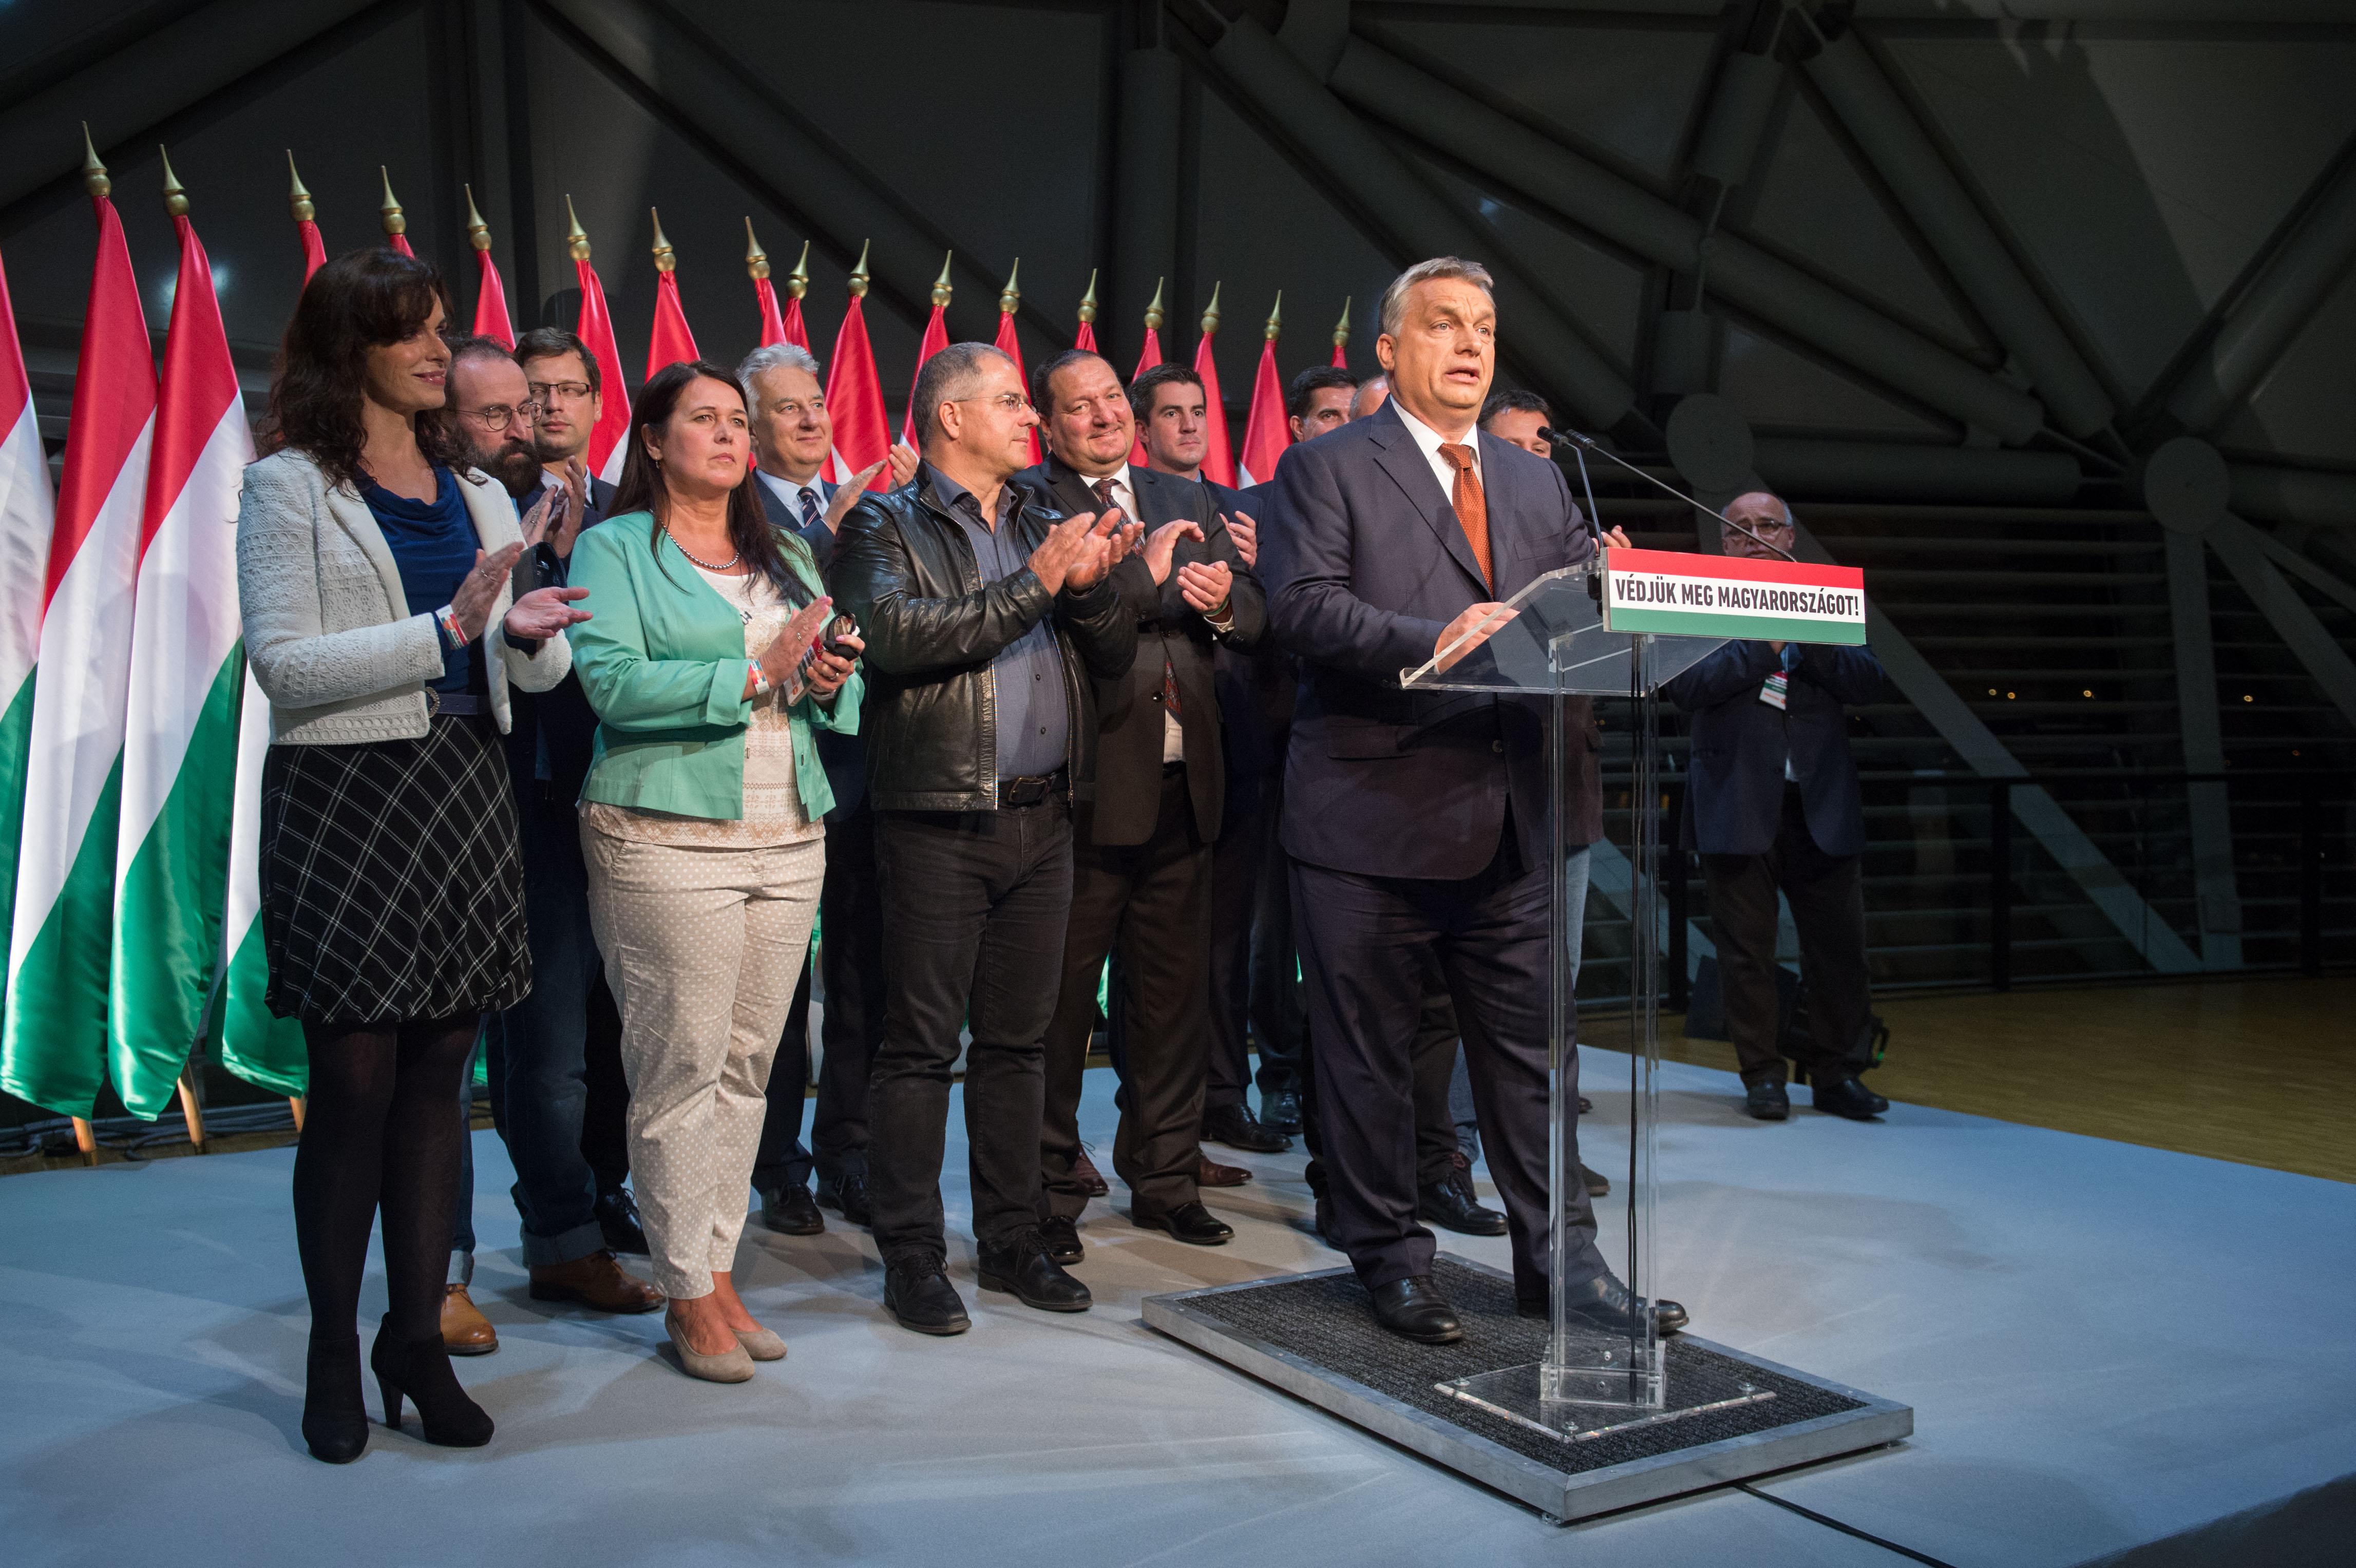 Időgép: Ez volt az a 2016-os népszavazás, amire Orbán szerint a most bejelentett hasonlítani fog